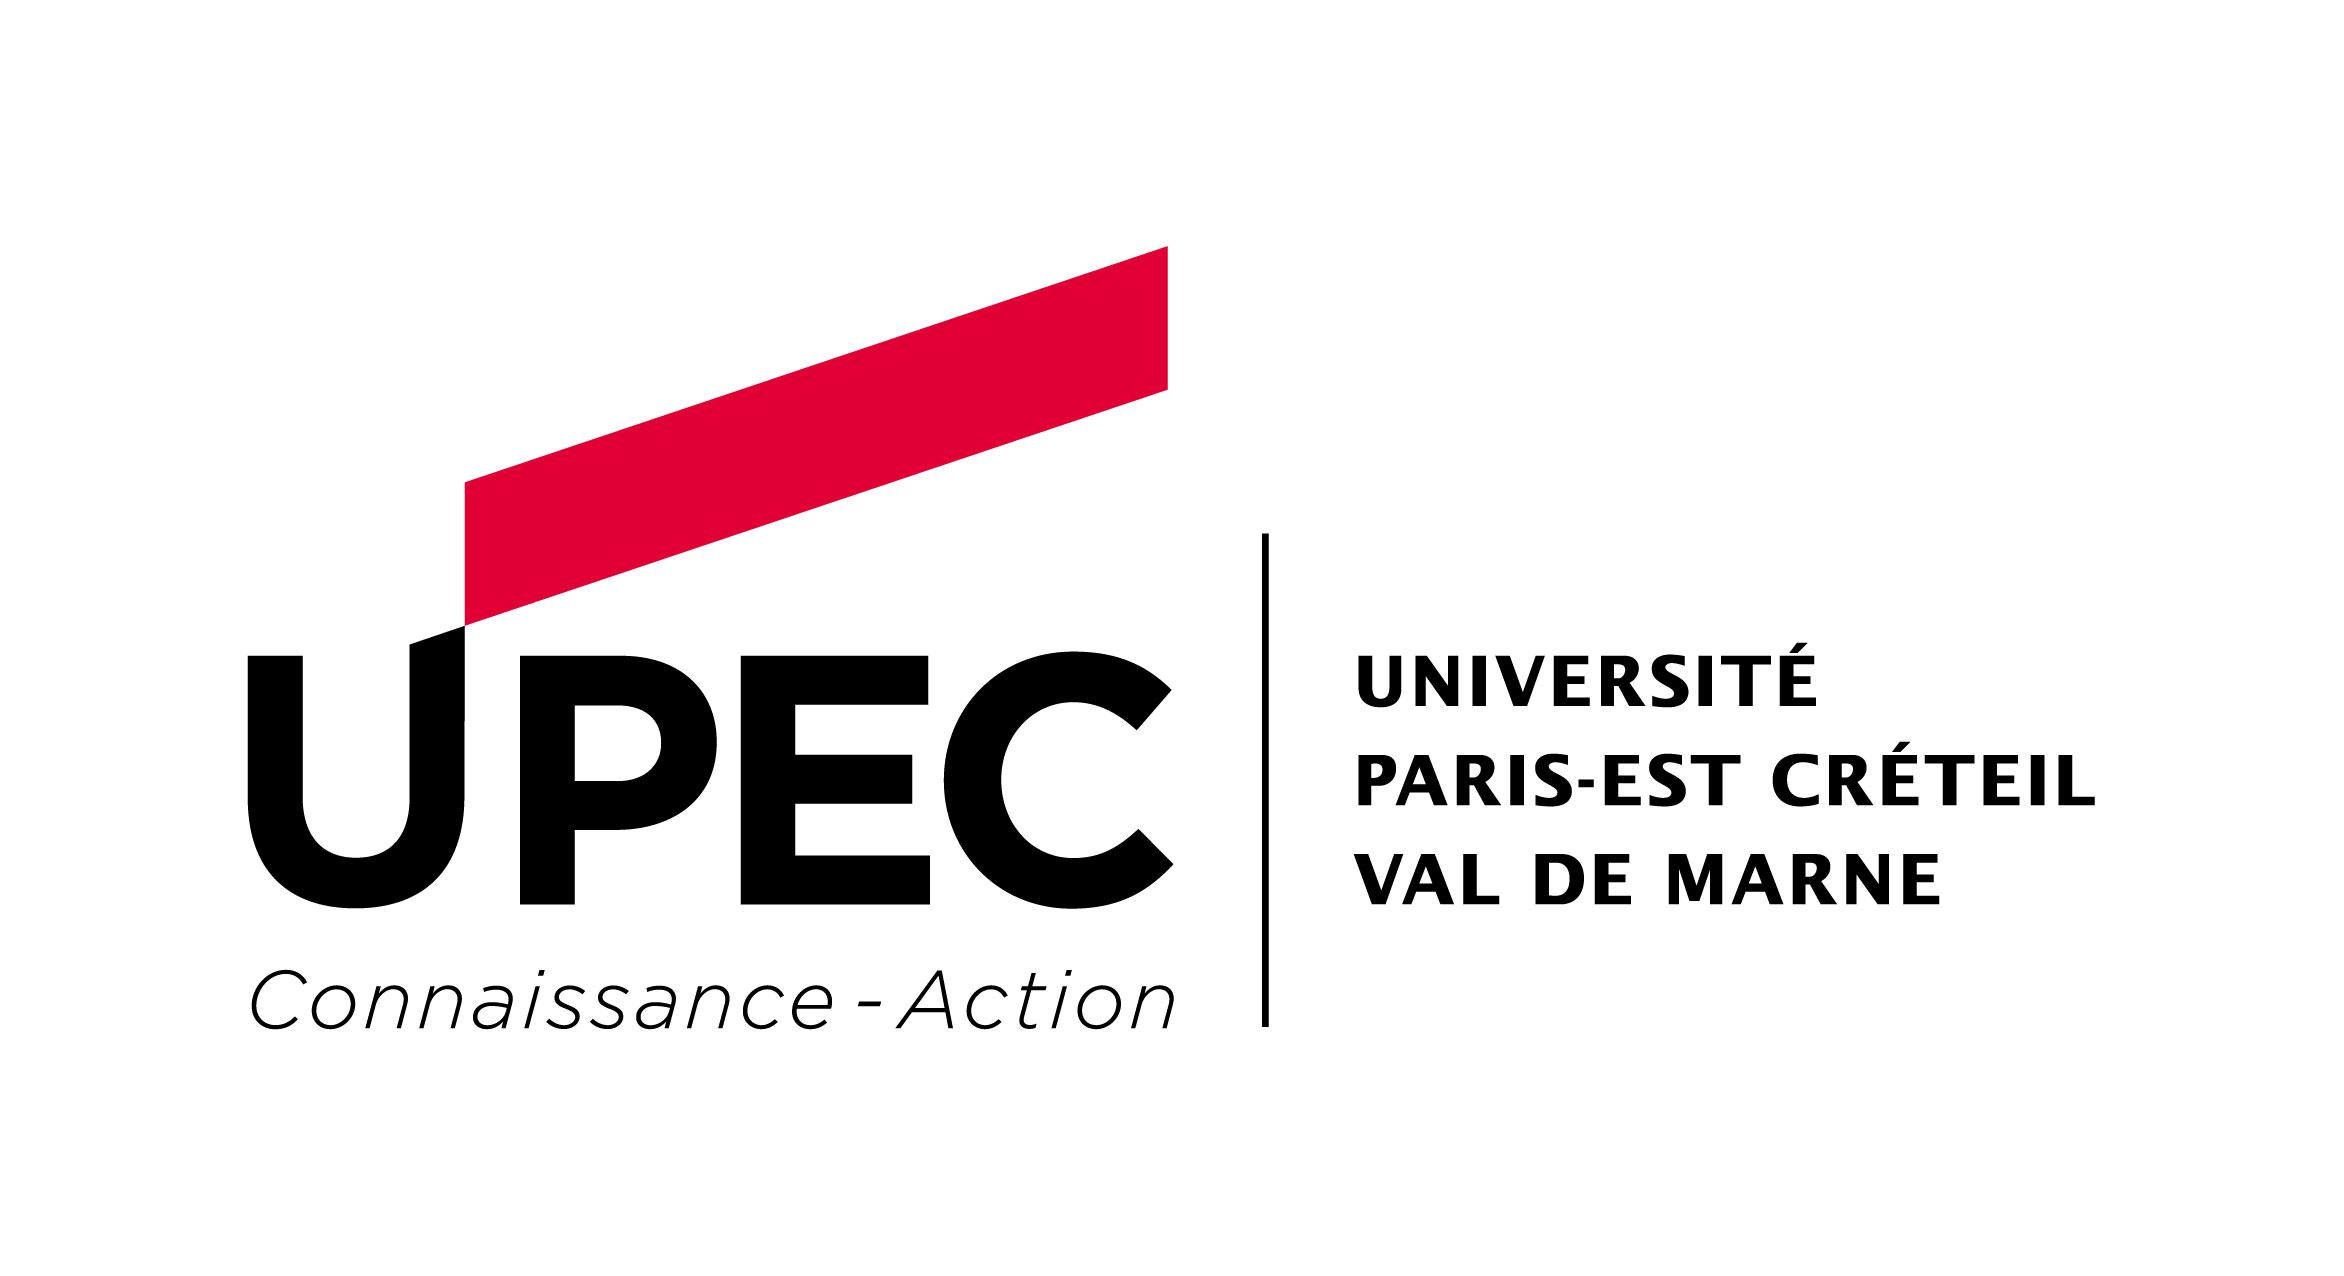 Université Paris-Est Créteil / Val de Marne